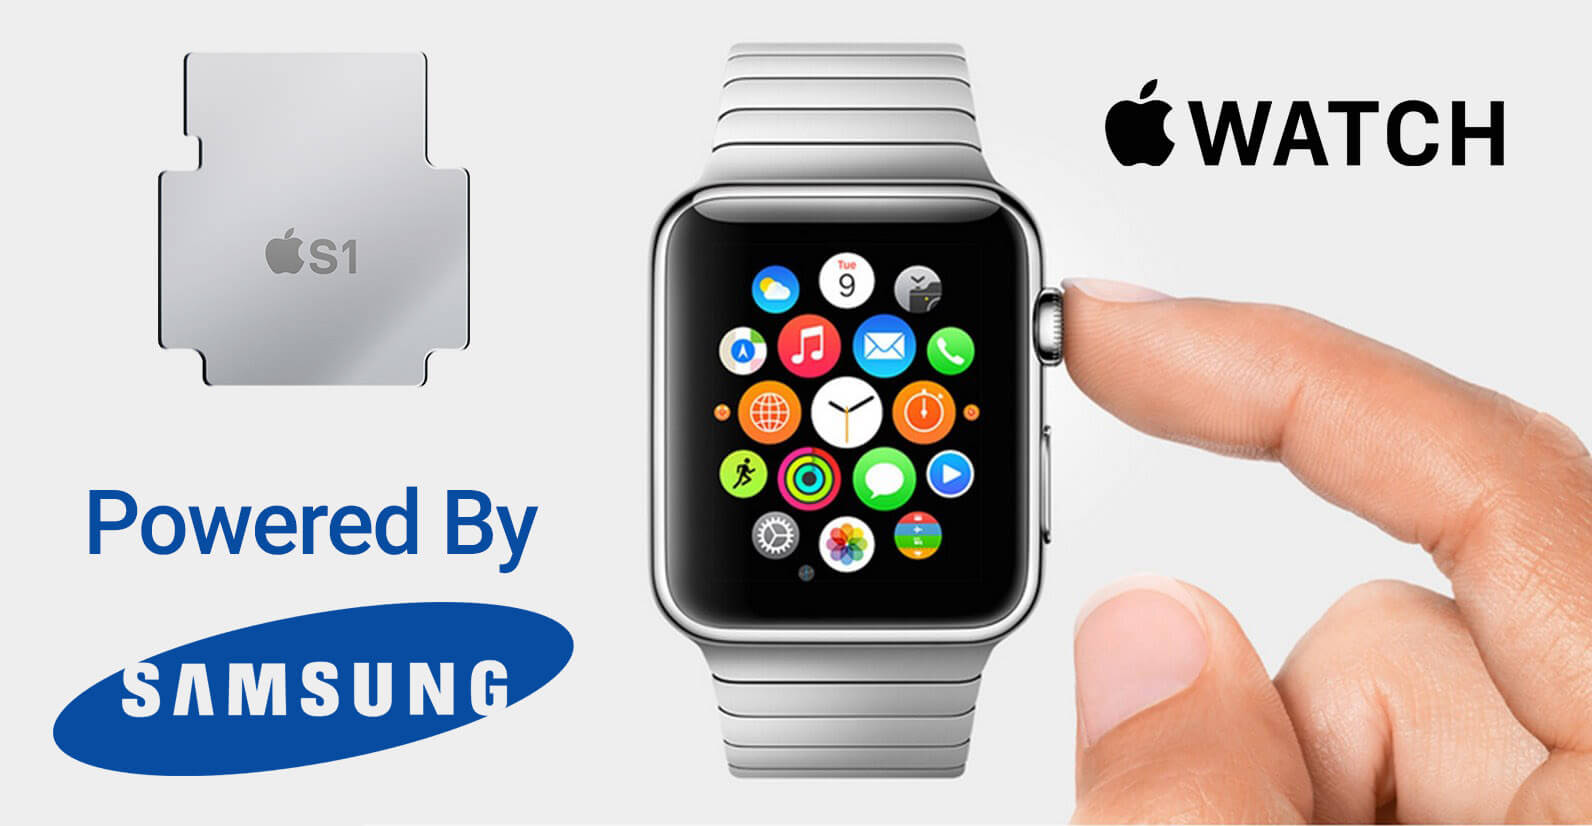 apple watch samsung s1